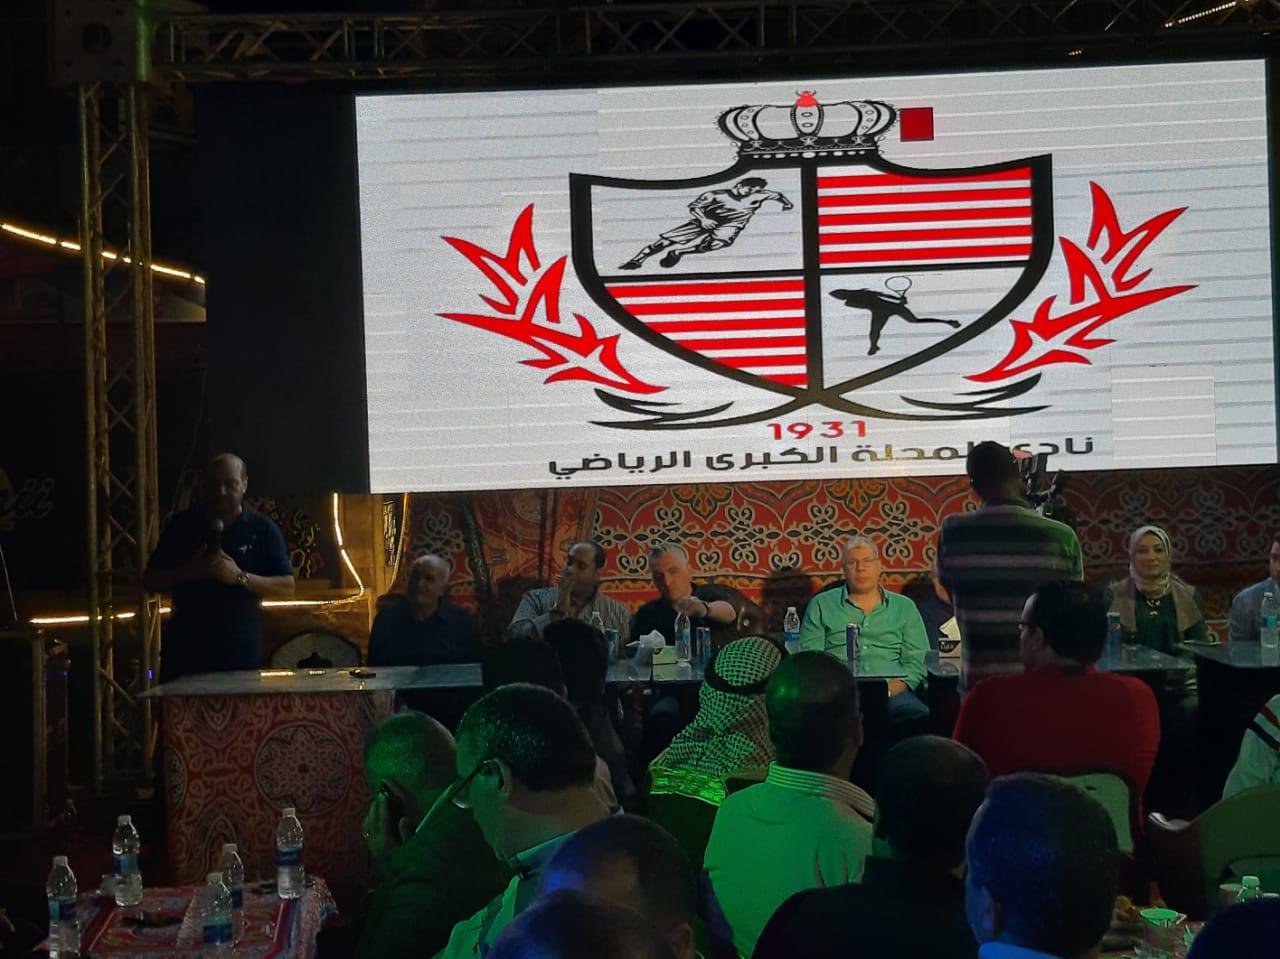 مجلس الجبلاية واعضاء الجمعية العمومية في افطار الشامي بالمحلة (4)